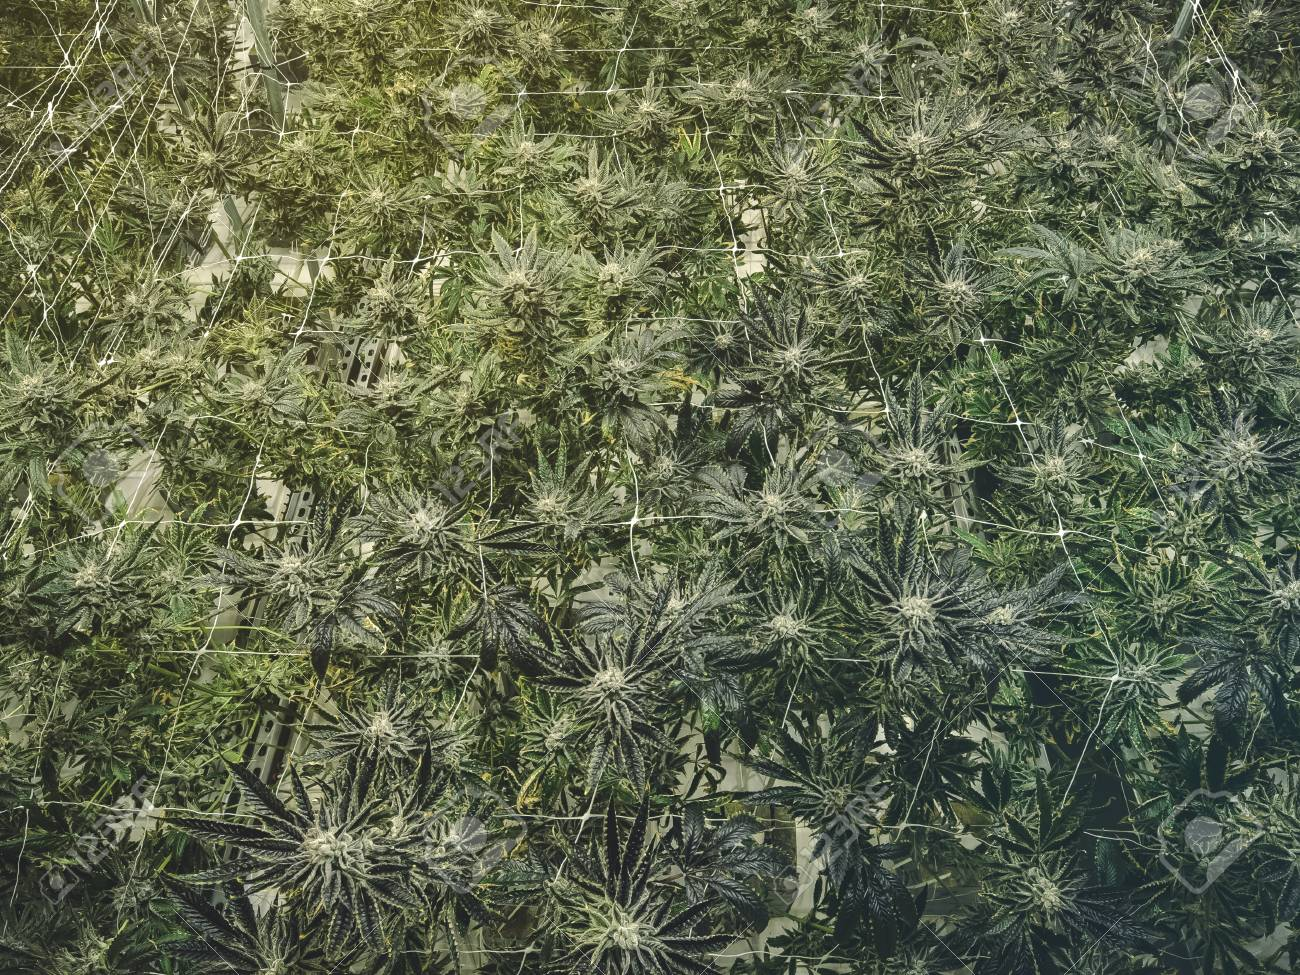 Marijuana in casa: arrestato